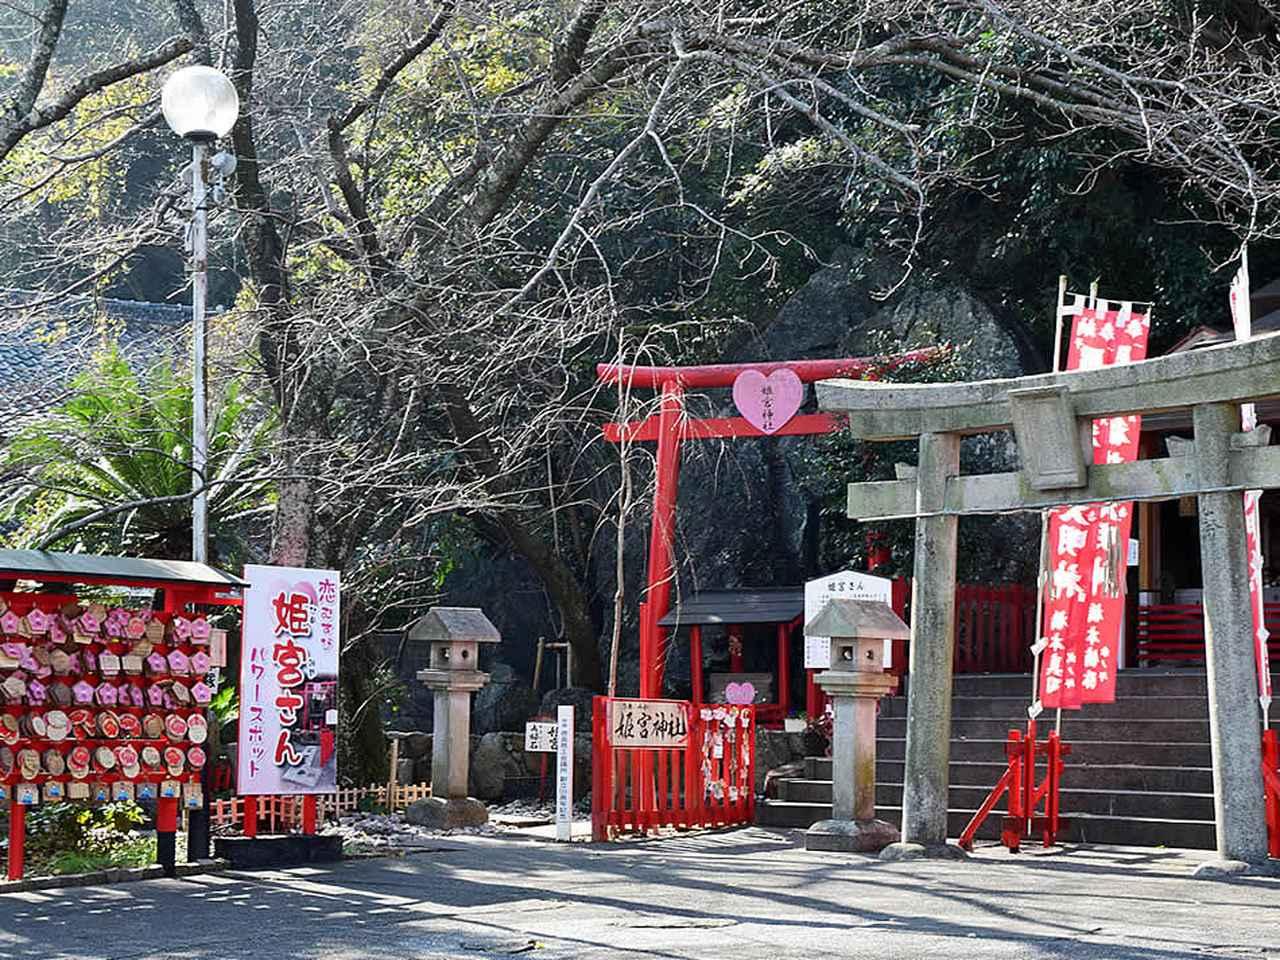 画像: 鳥居の中心に取りつけられたピンクのハートが目印の姫宮神社